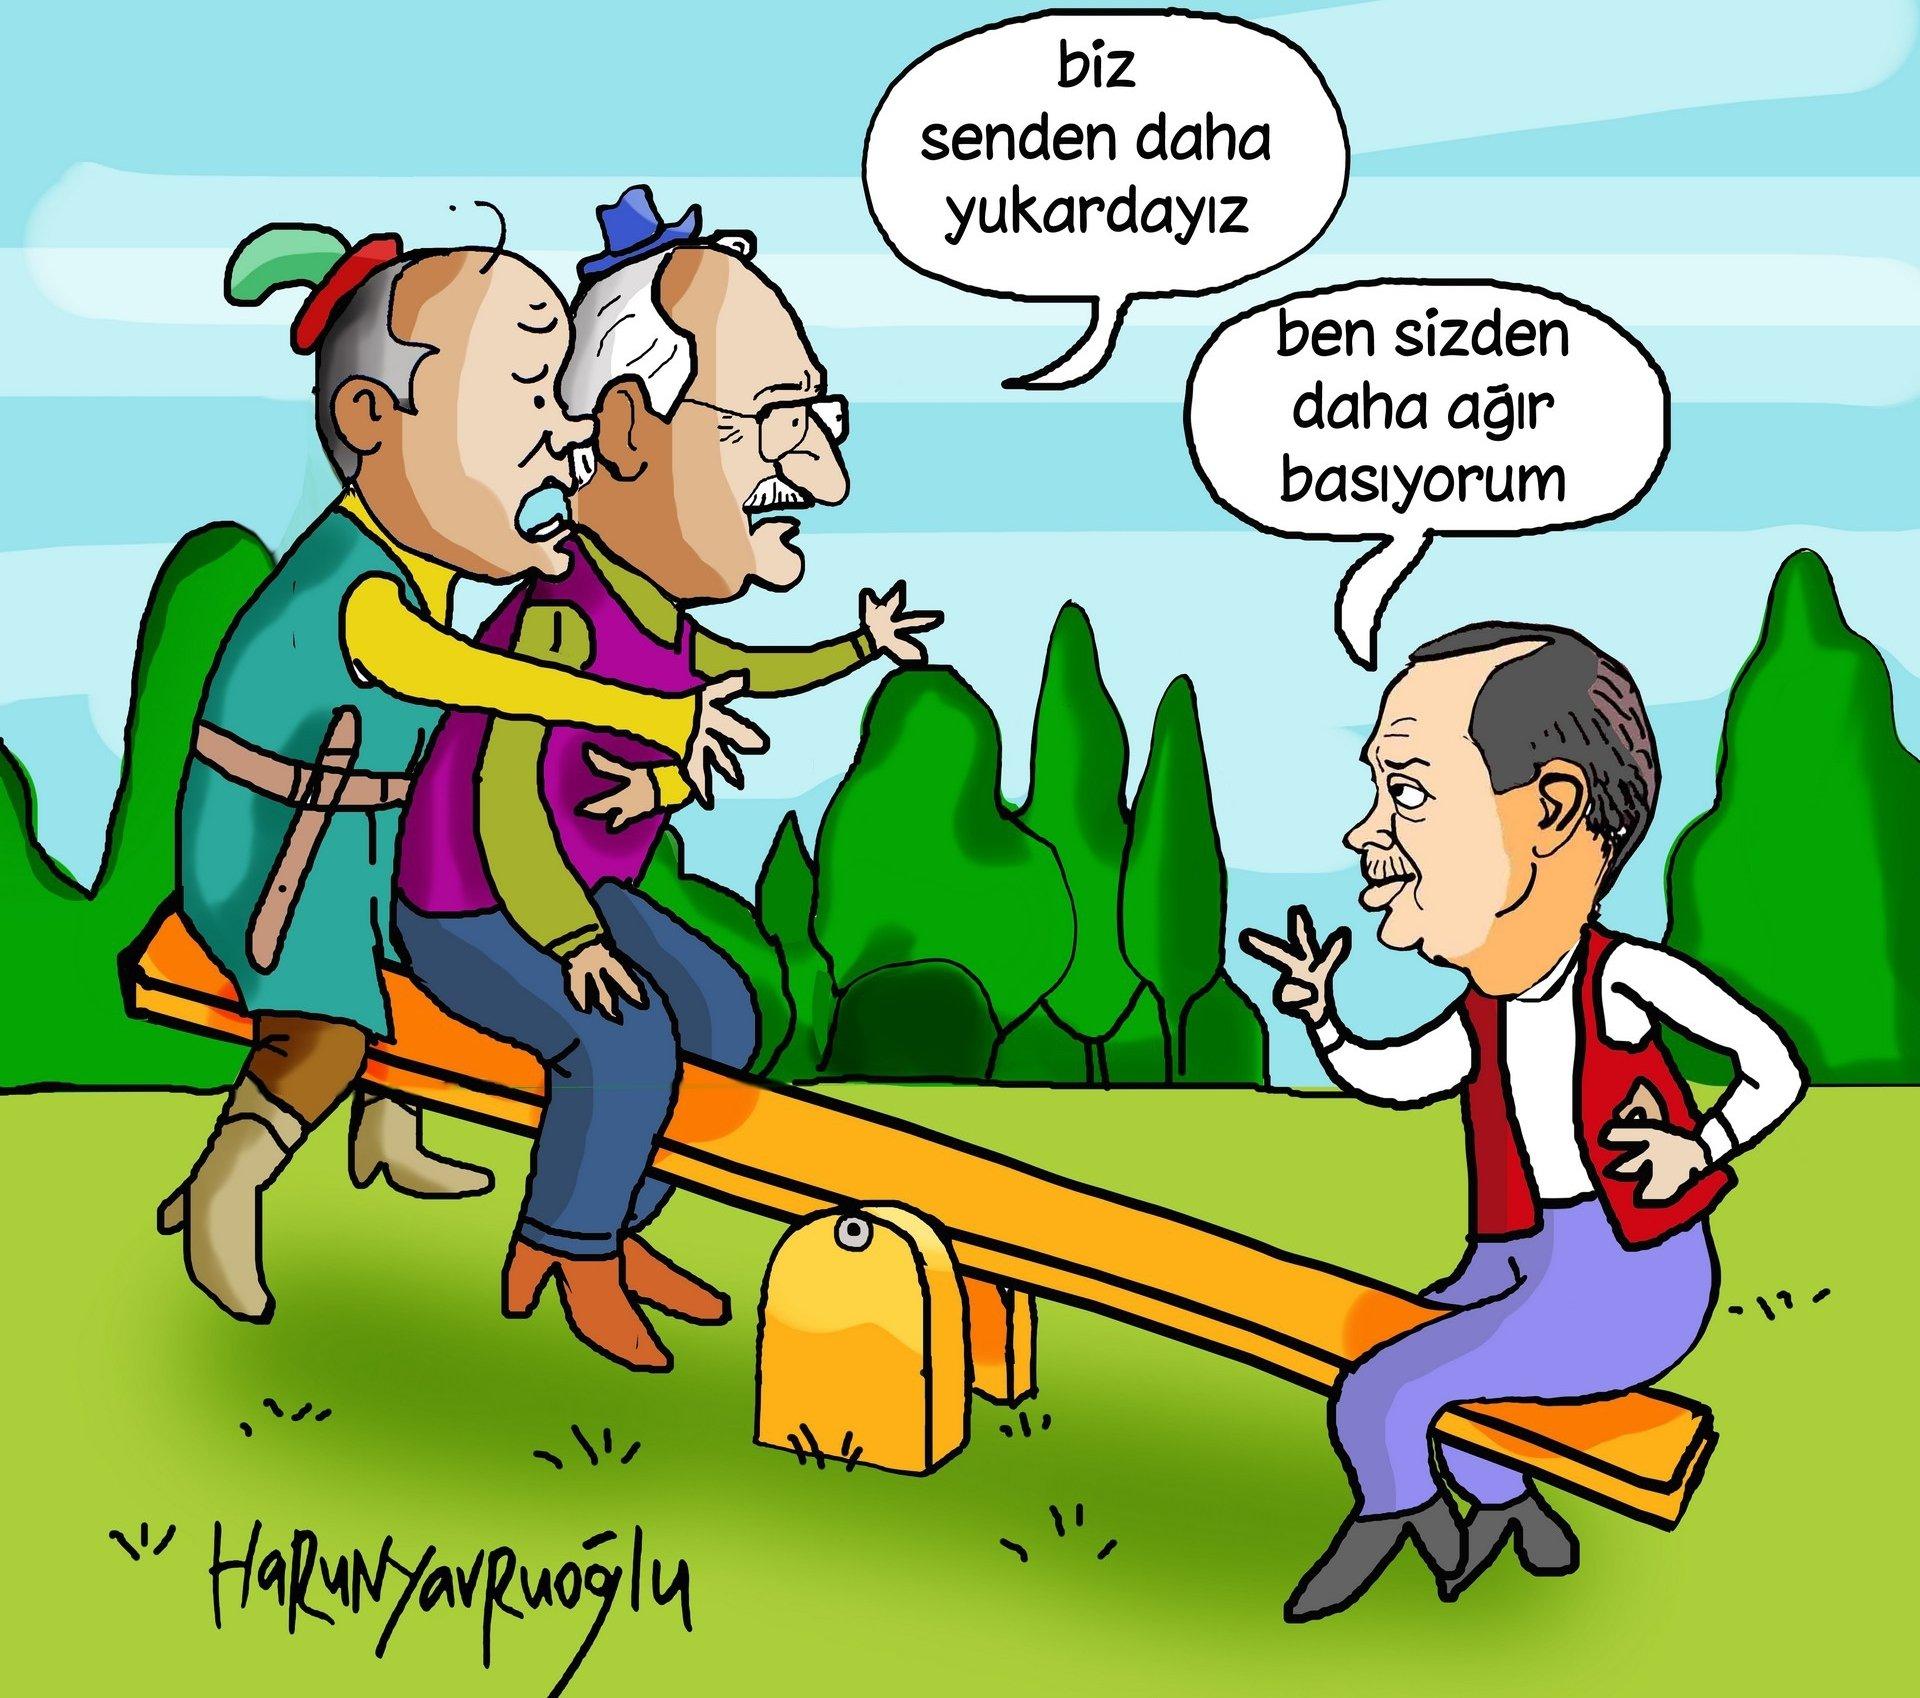 türk siyseti